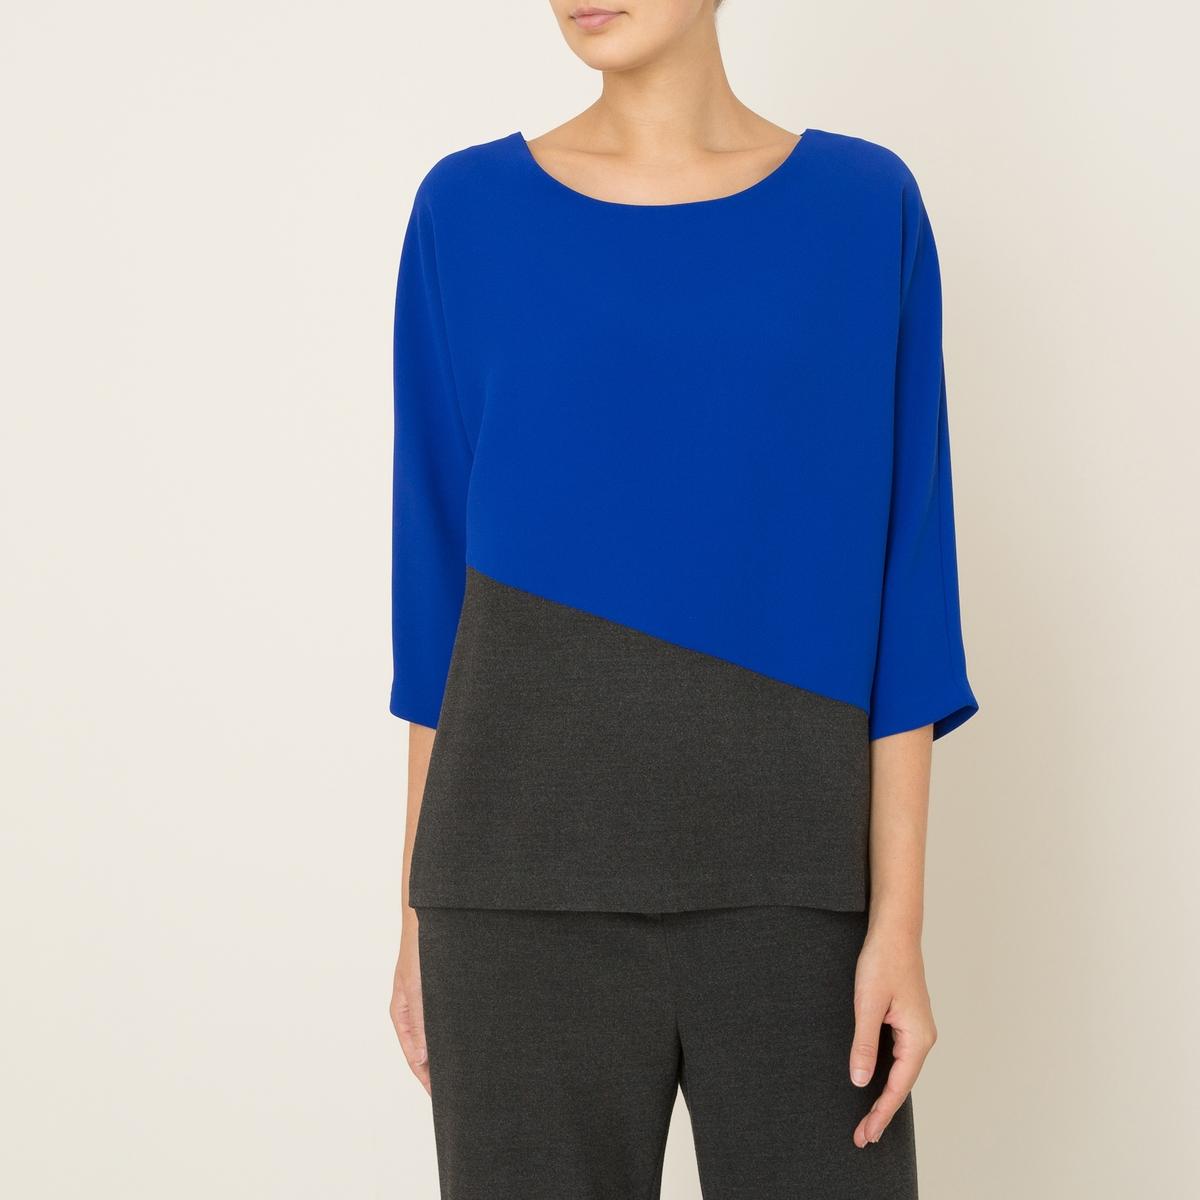 Блузка объемная SAUVAGEБлузка TOUPY - модель SAUVAGE, двухцветная. Объемный покрой. Вырез-лодочка. Рукава 3/4. Асимметричные отрезные детали.     Состав и описание     Материал : 100% полиэстер     Марка : TOUPY<br><br>Цвет: синий/ серый<br>Размер: L